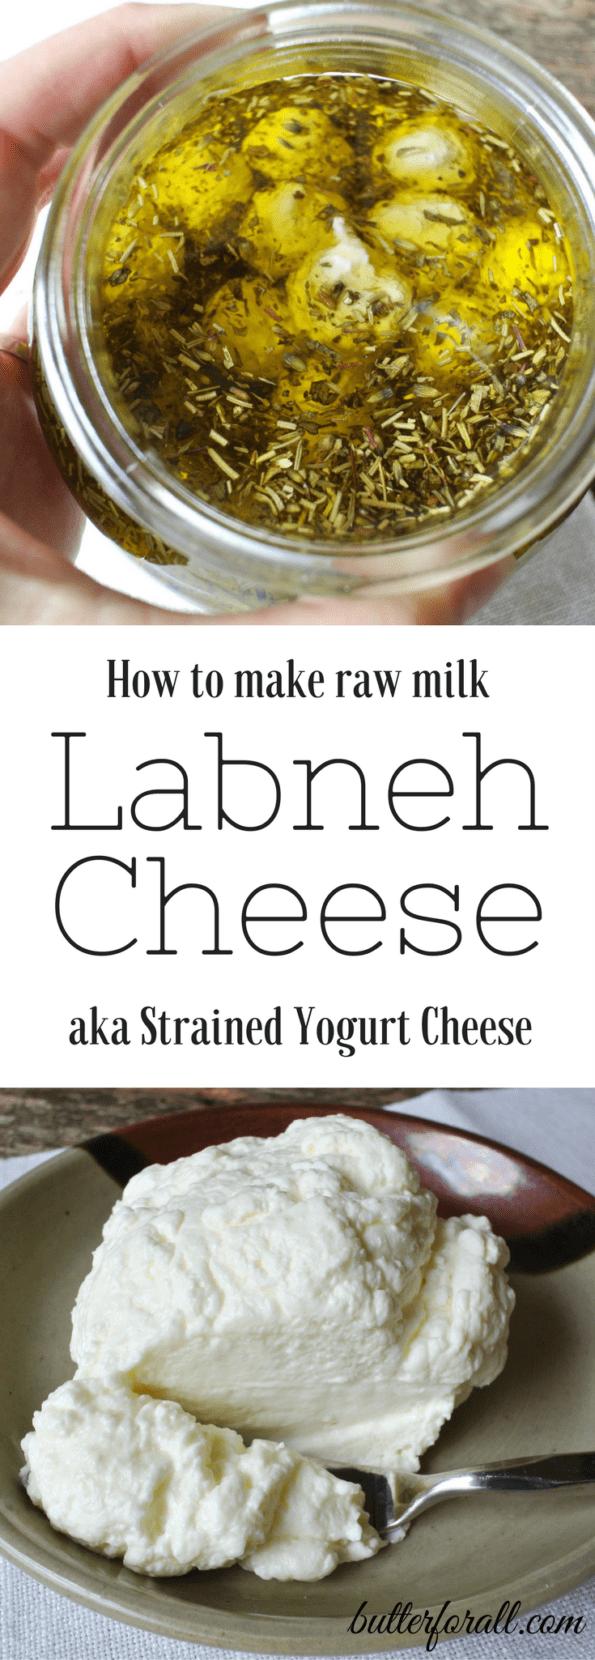 Raw Milk Labneh Cheese - Strained Yogurt